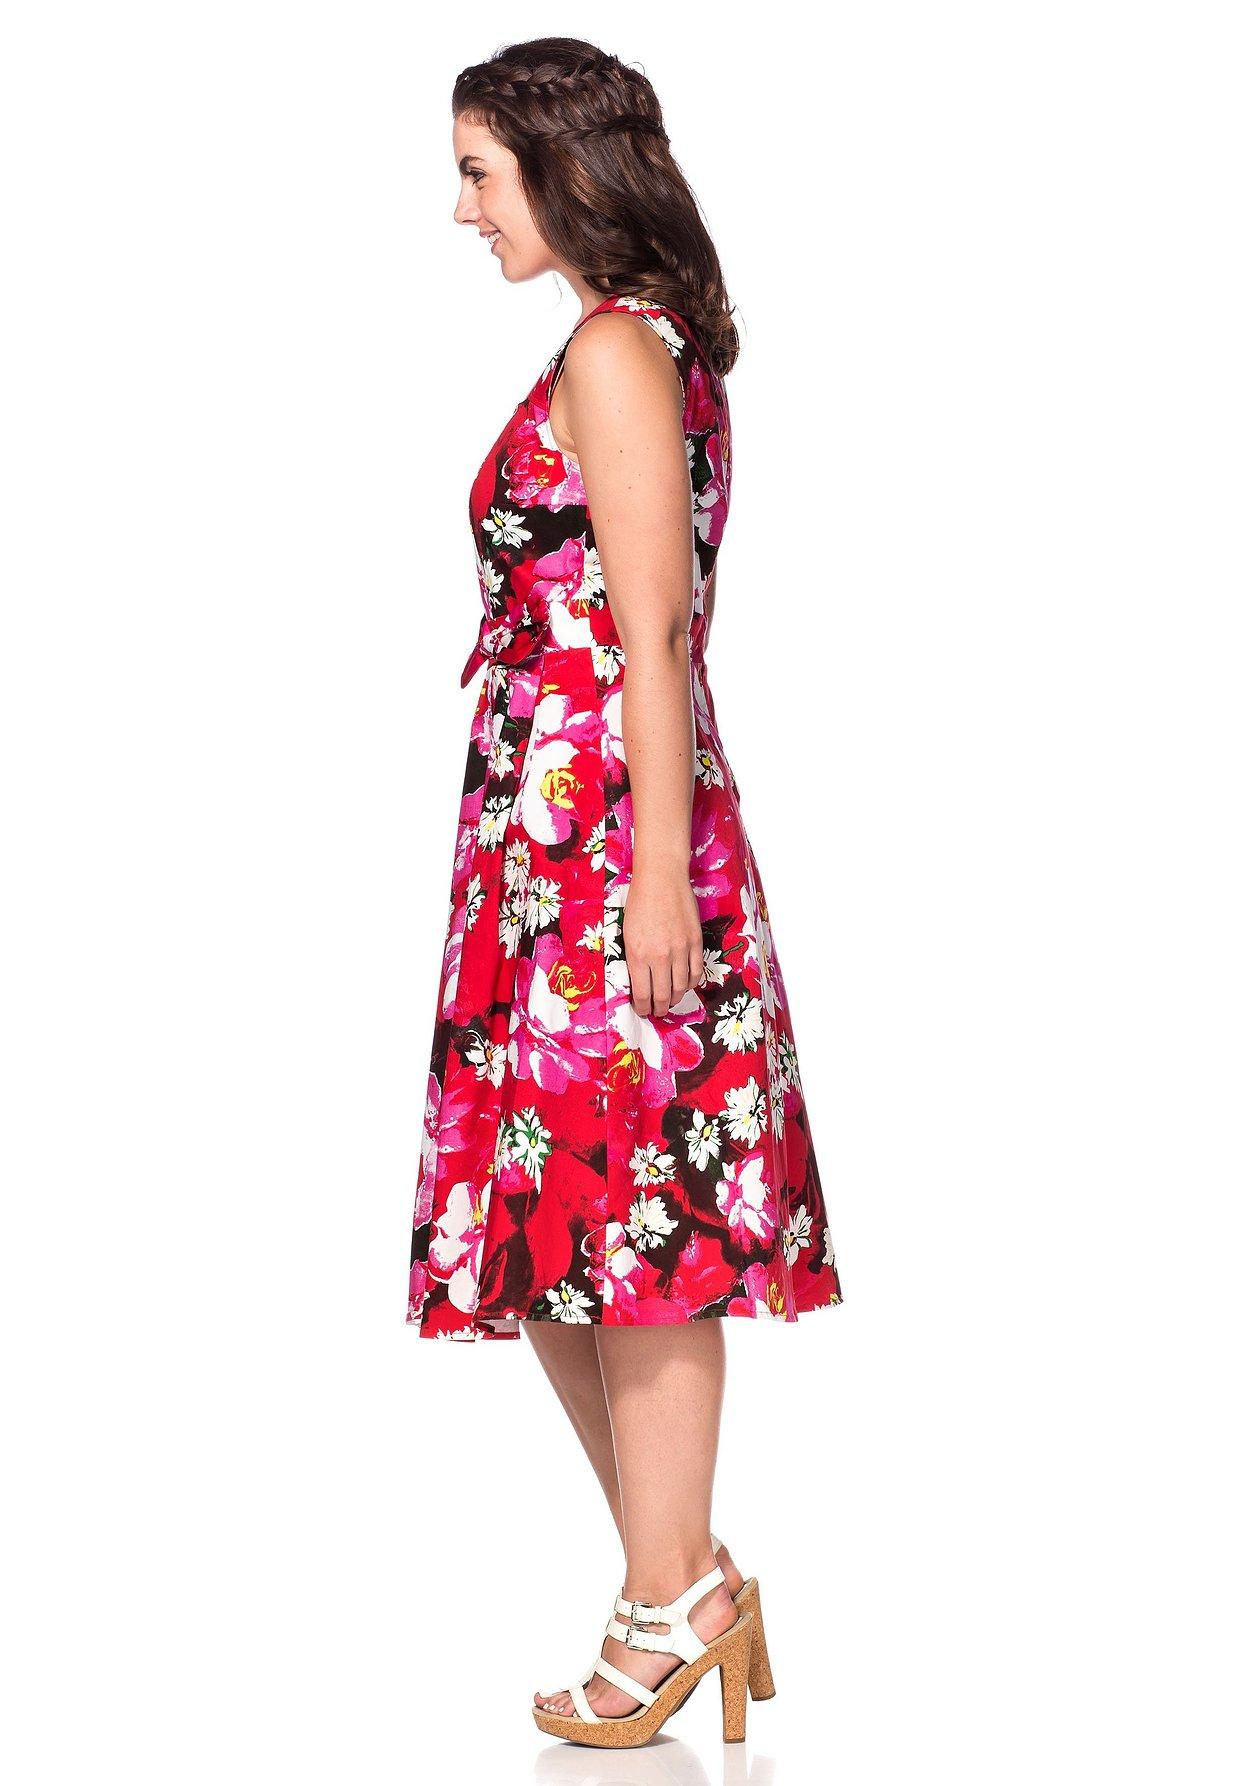 Kleid Mit Kleid MehrfarbigSheego Herzausschnitt Mit 2EHDYW9I